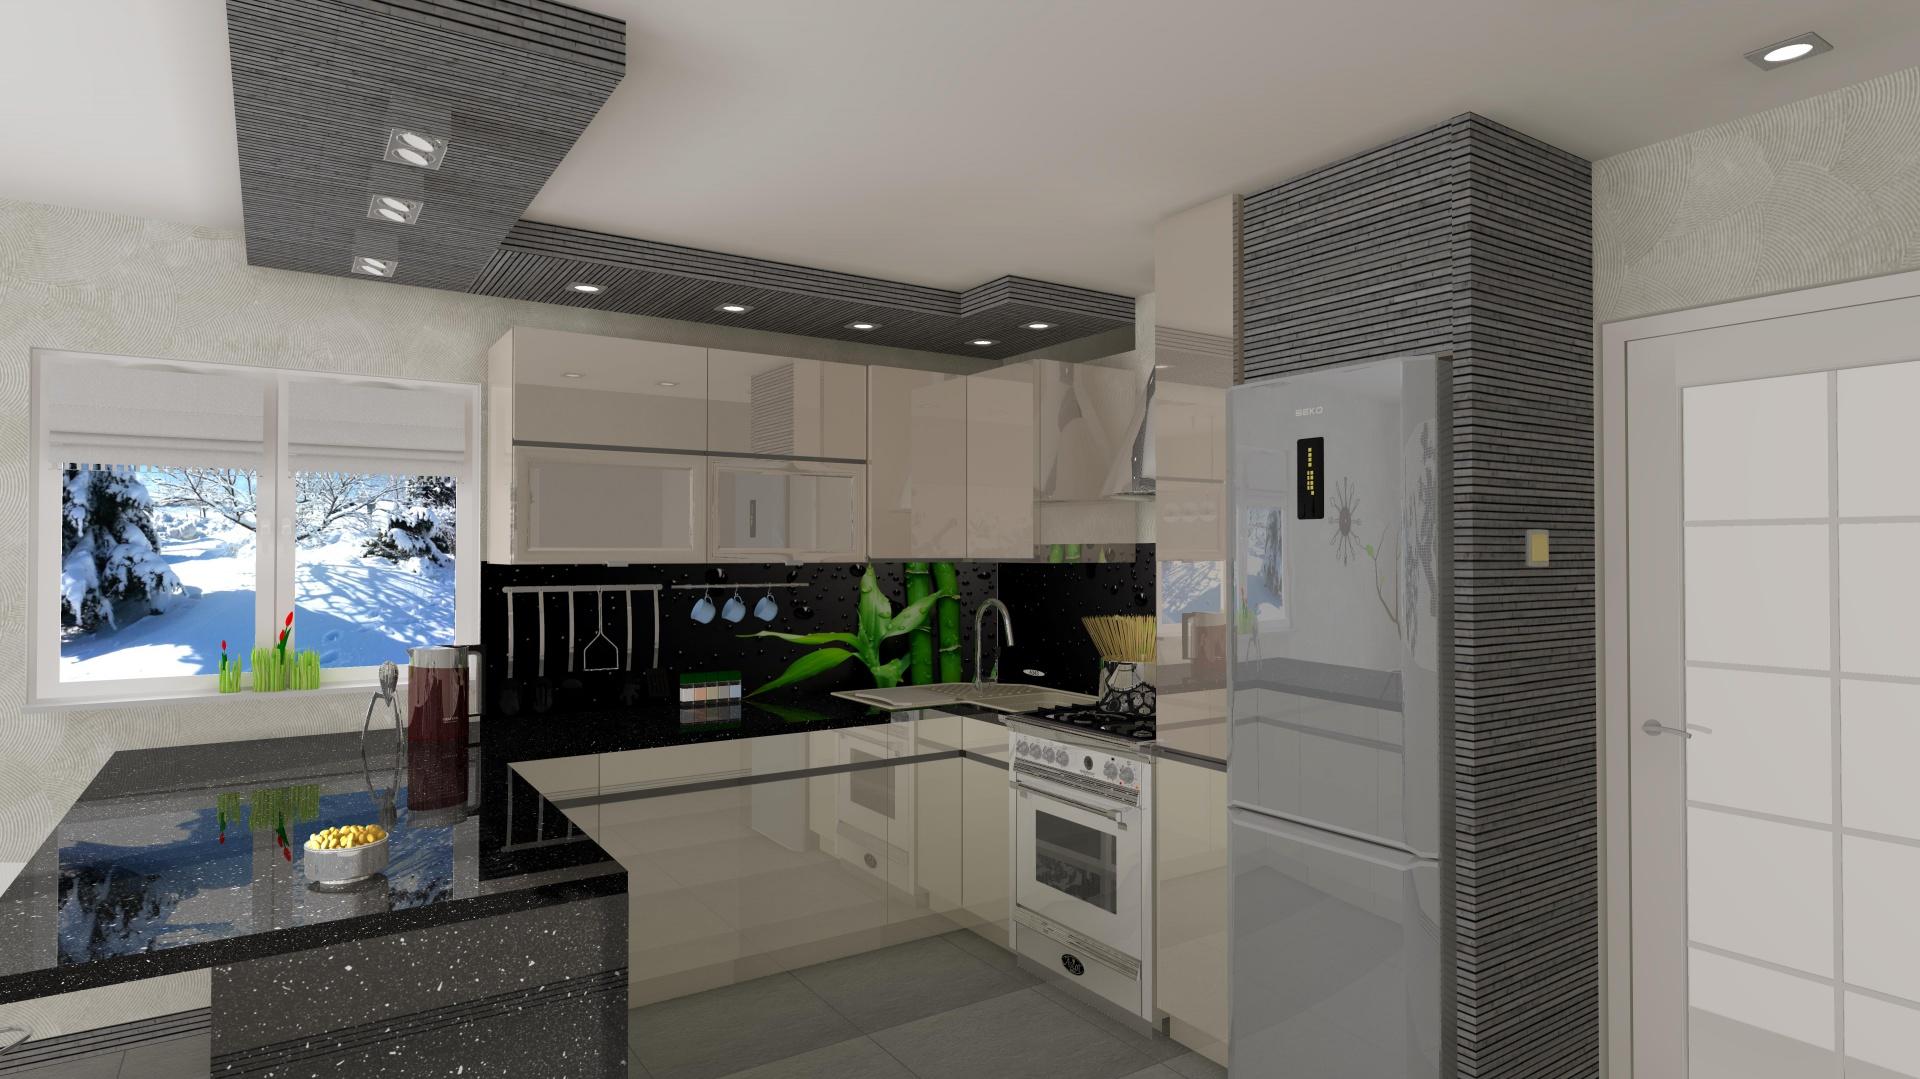 Duża kuchnia w domu jednorodzinnym. Klientom zależało aby miejsce było nowoczesne, miało zabudowaną lodówkę. Udało się wygospodarować dużą przestrzeń blatów. Fot. Wizja Wnętrza.jpg